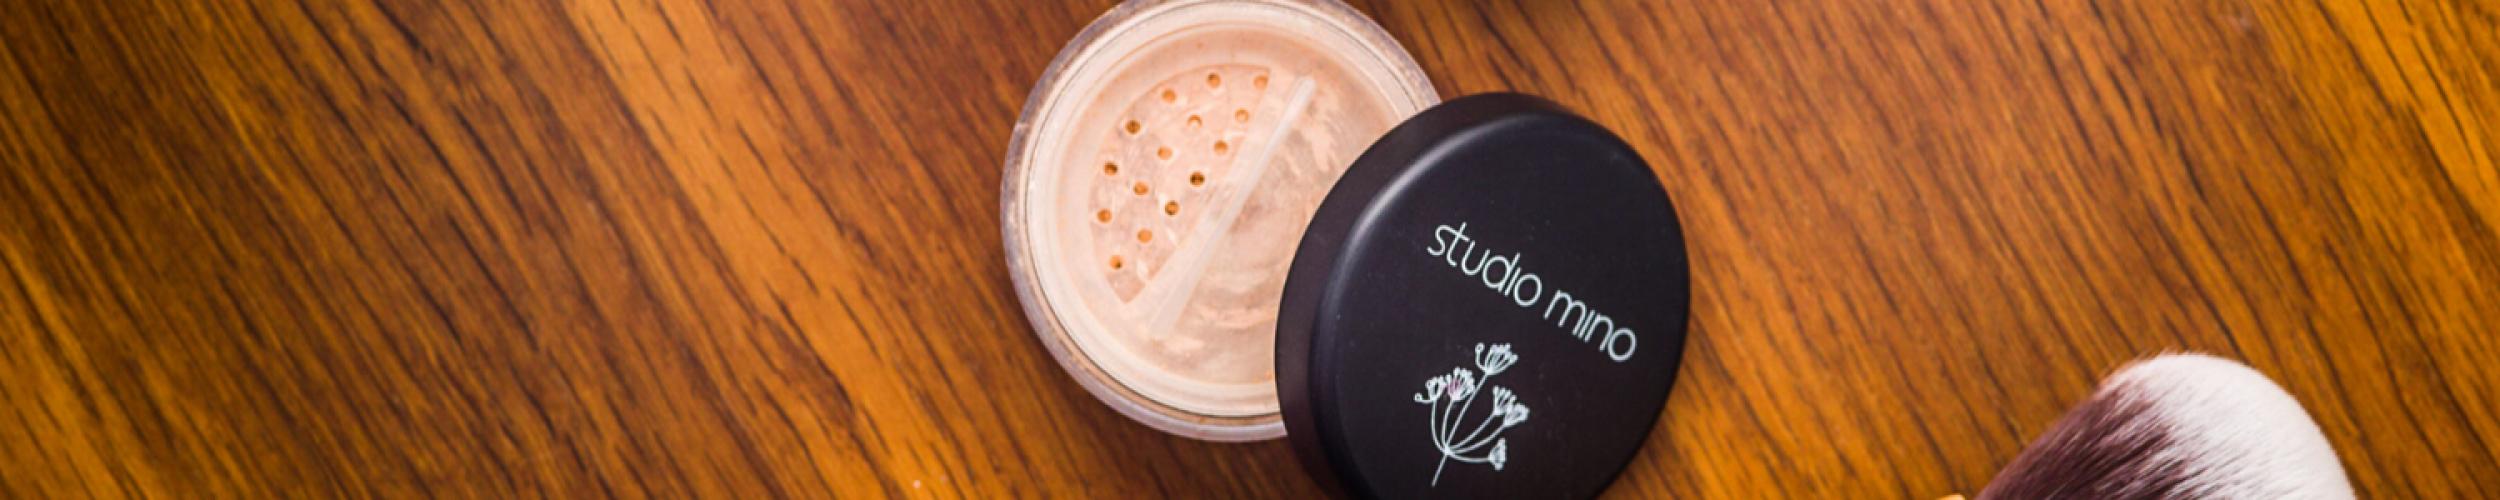 Minerale make-up als oppepper: 5 redenen waarom je voor Studio Mino kiest